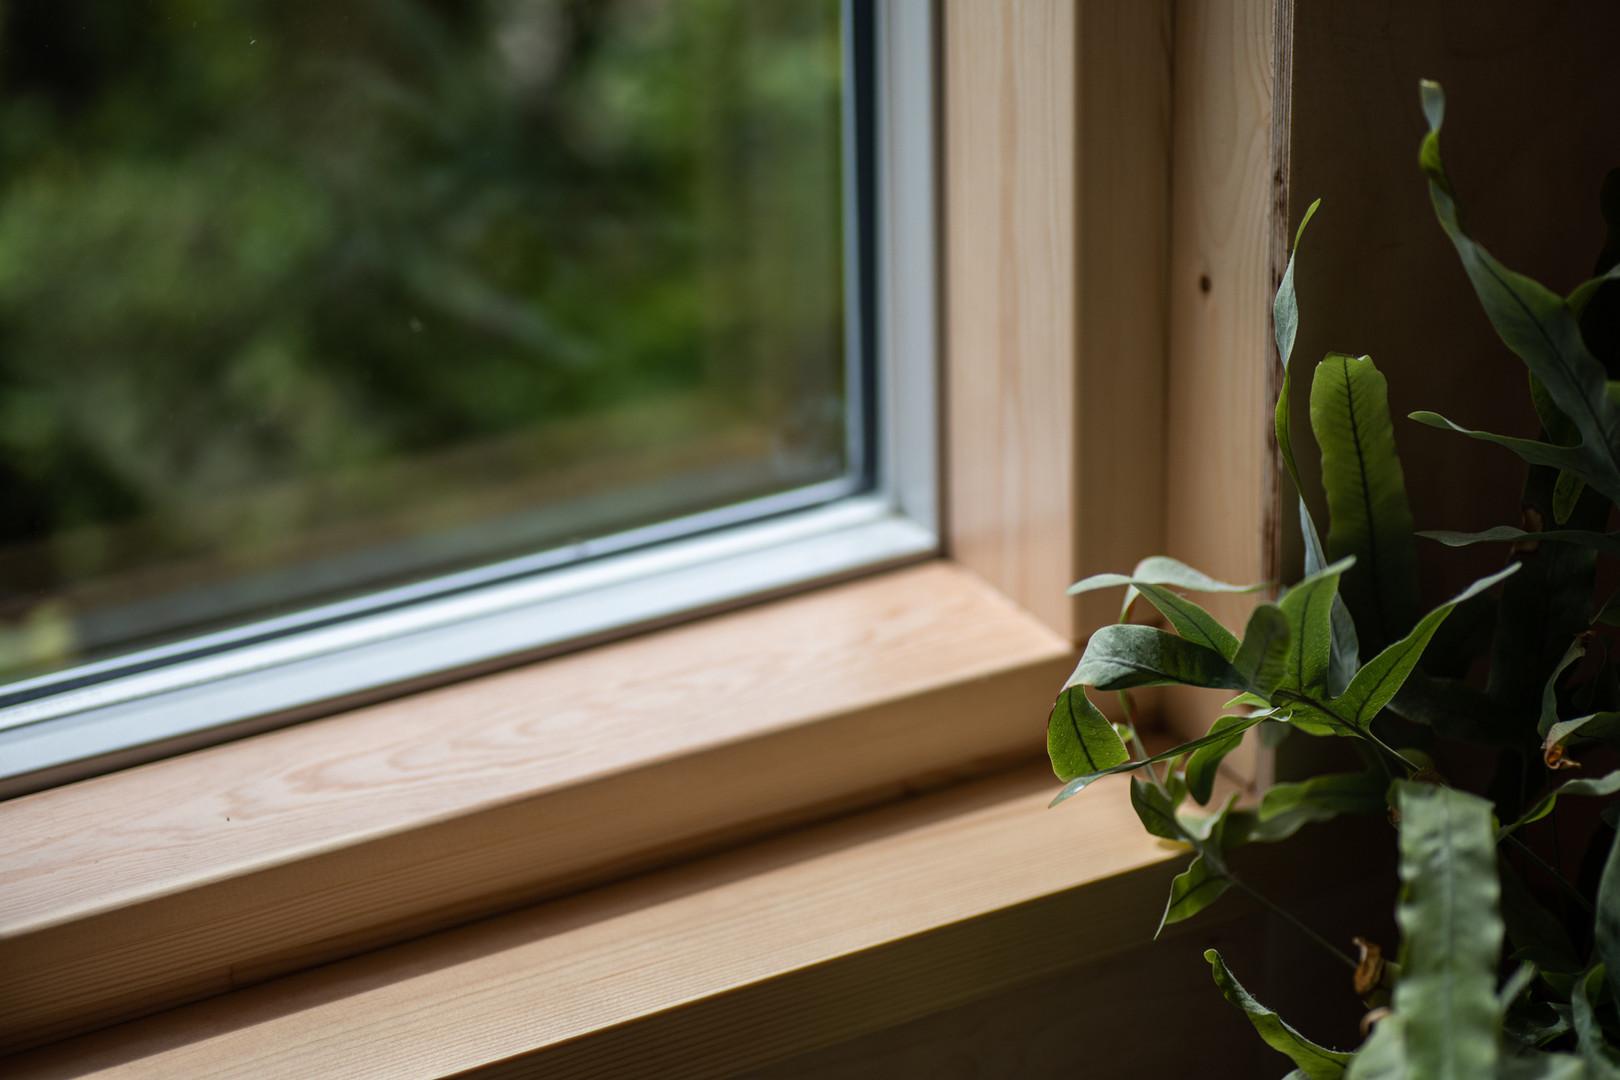 Plant sitting next to window